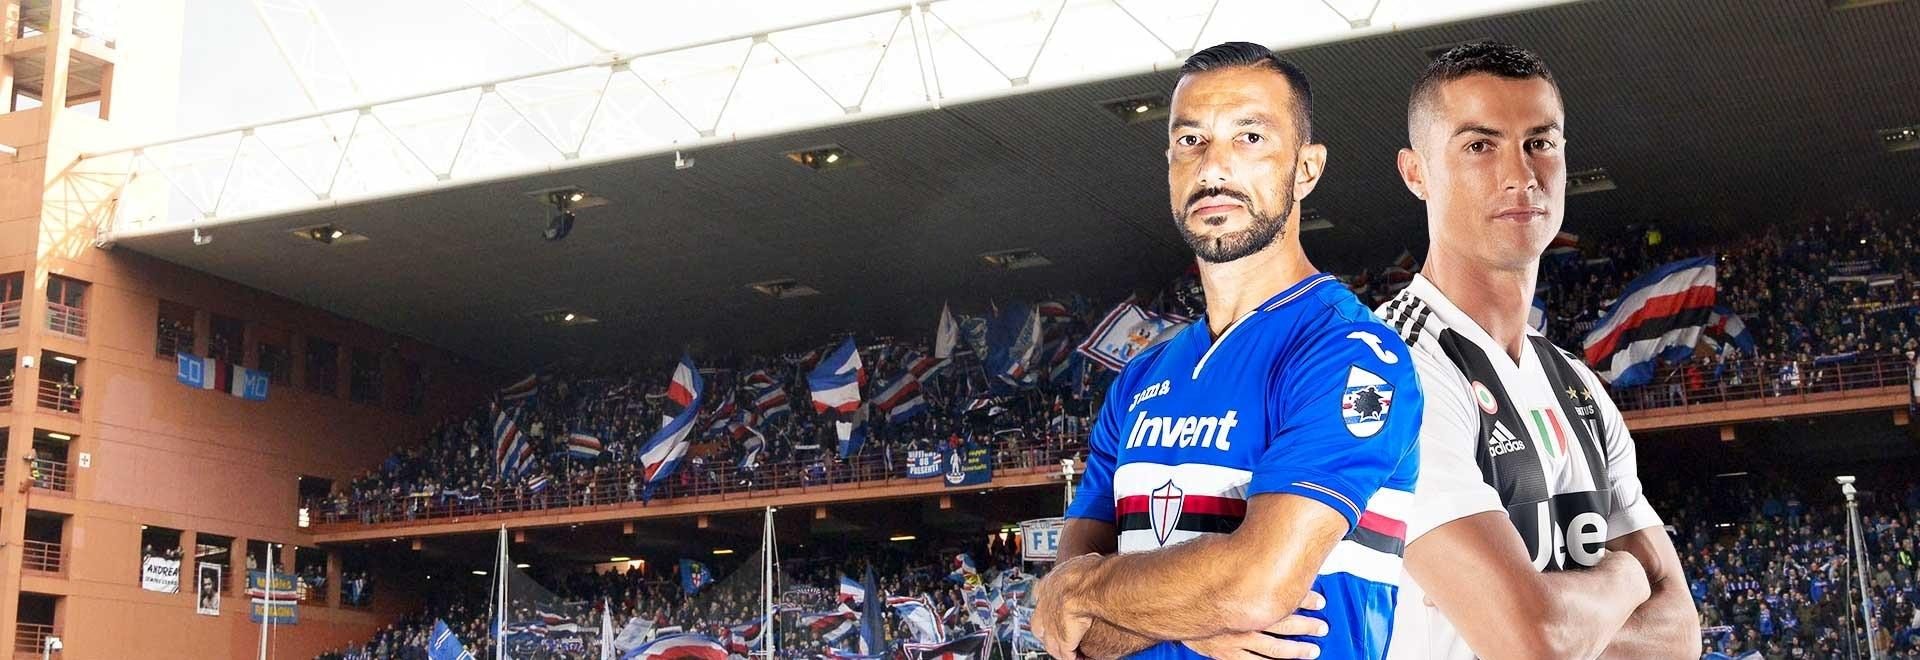 Sampdoria - Juventus. 38a g.